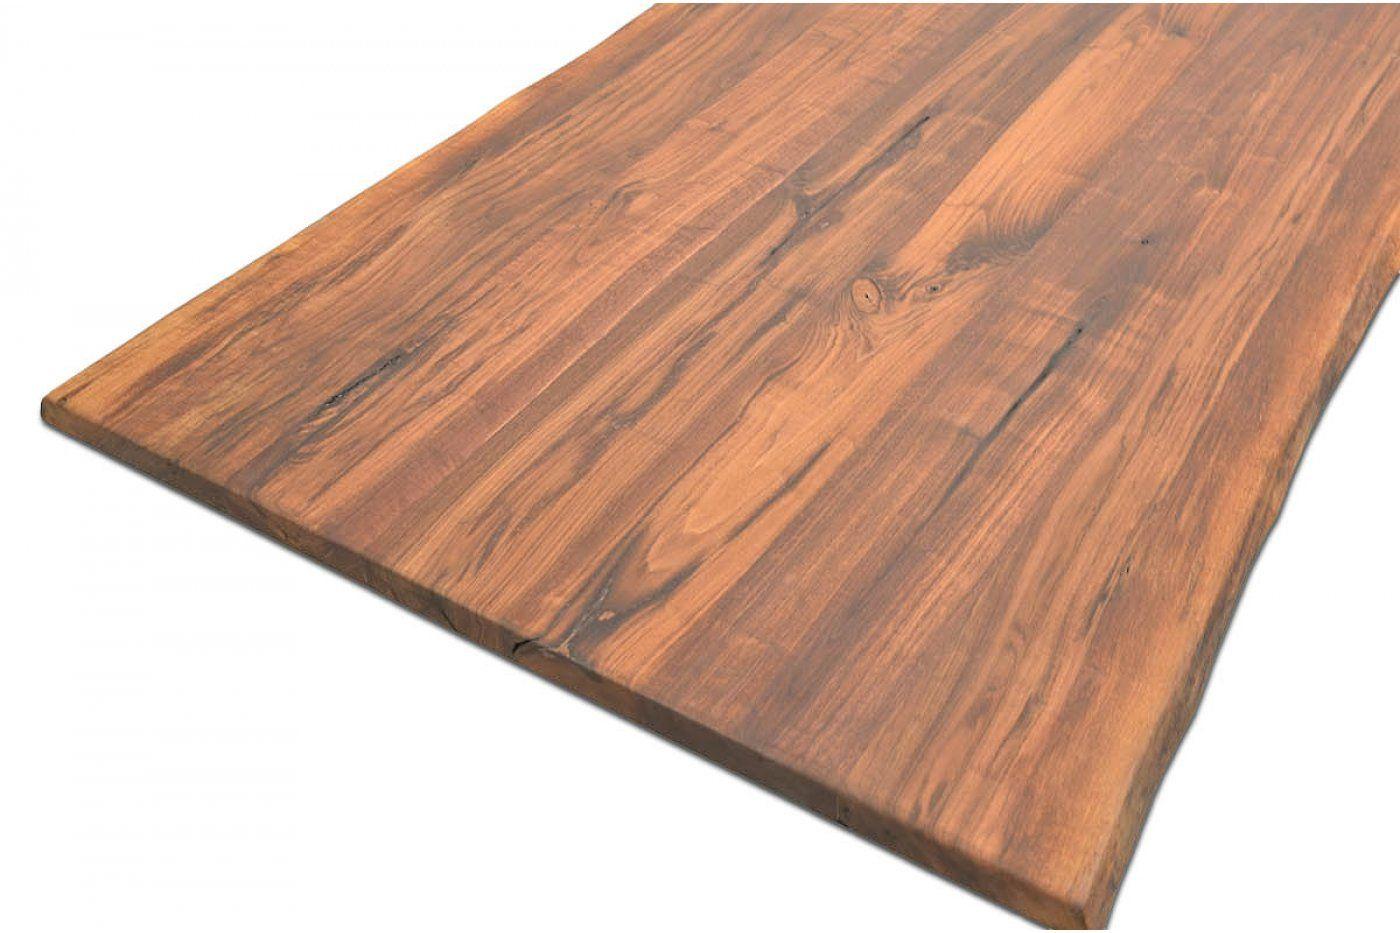 Nussbaum Tischplatte Massiv Nach Mass Baumkante Astfrei Nussbaum Baum Nuss